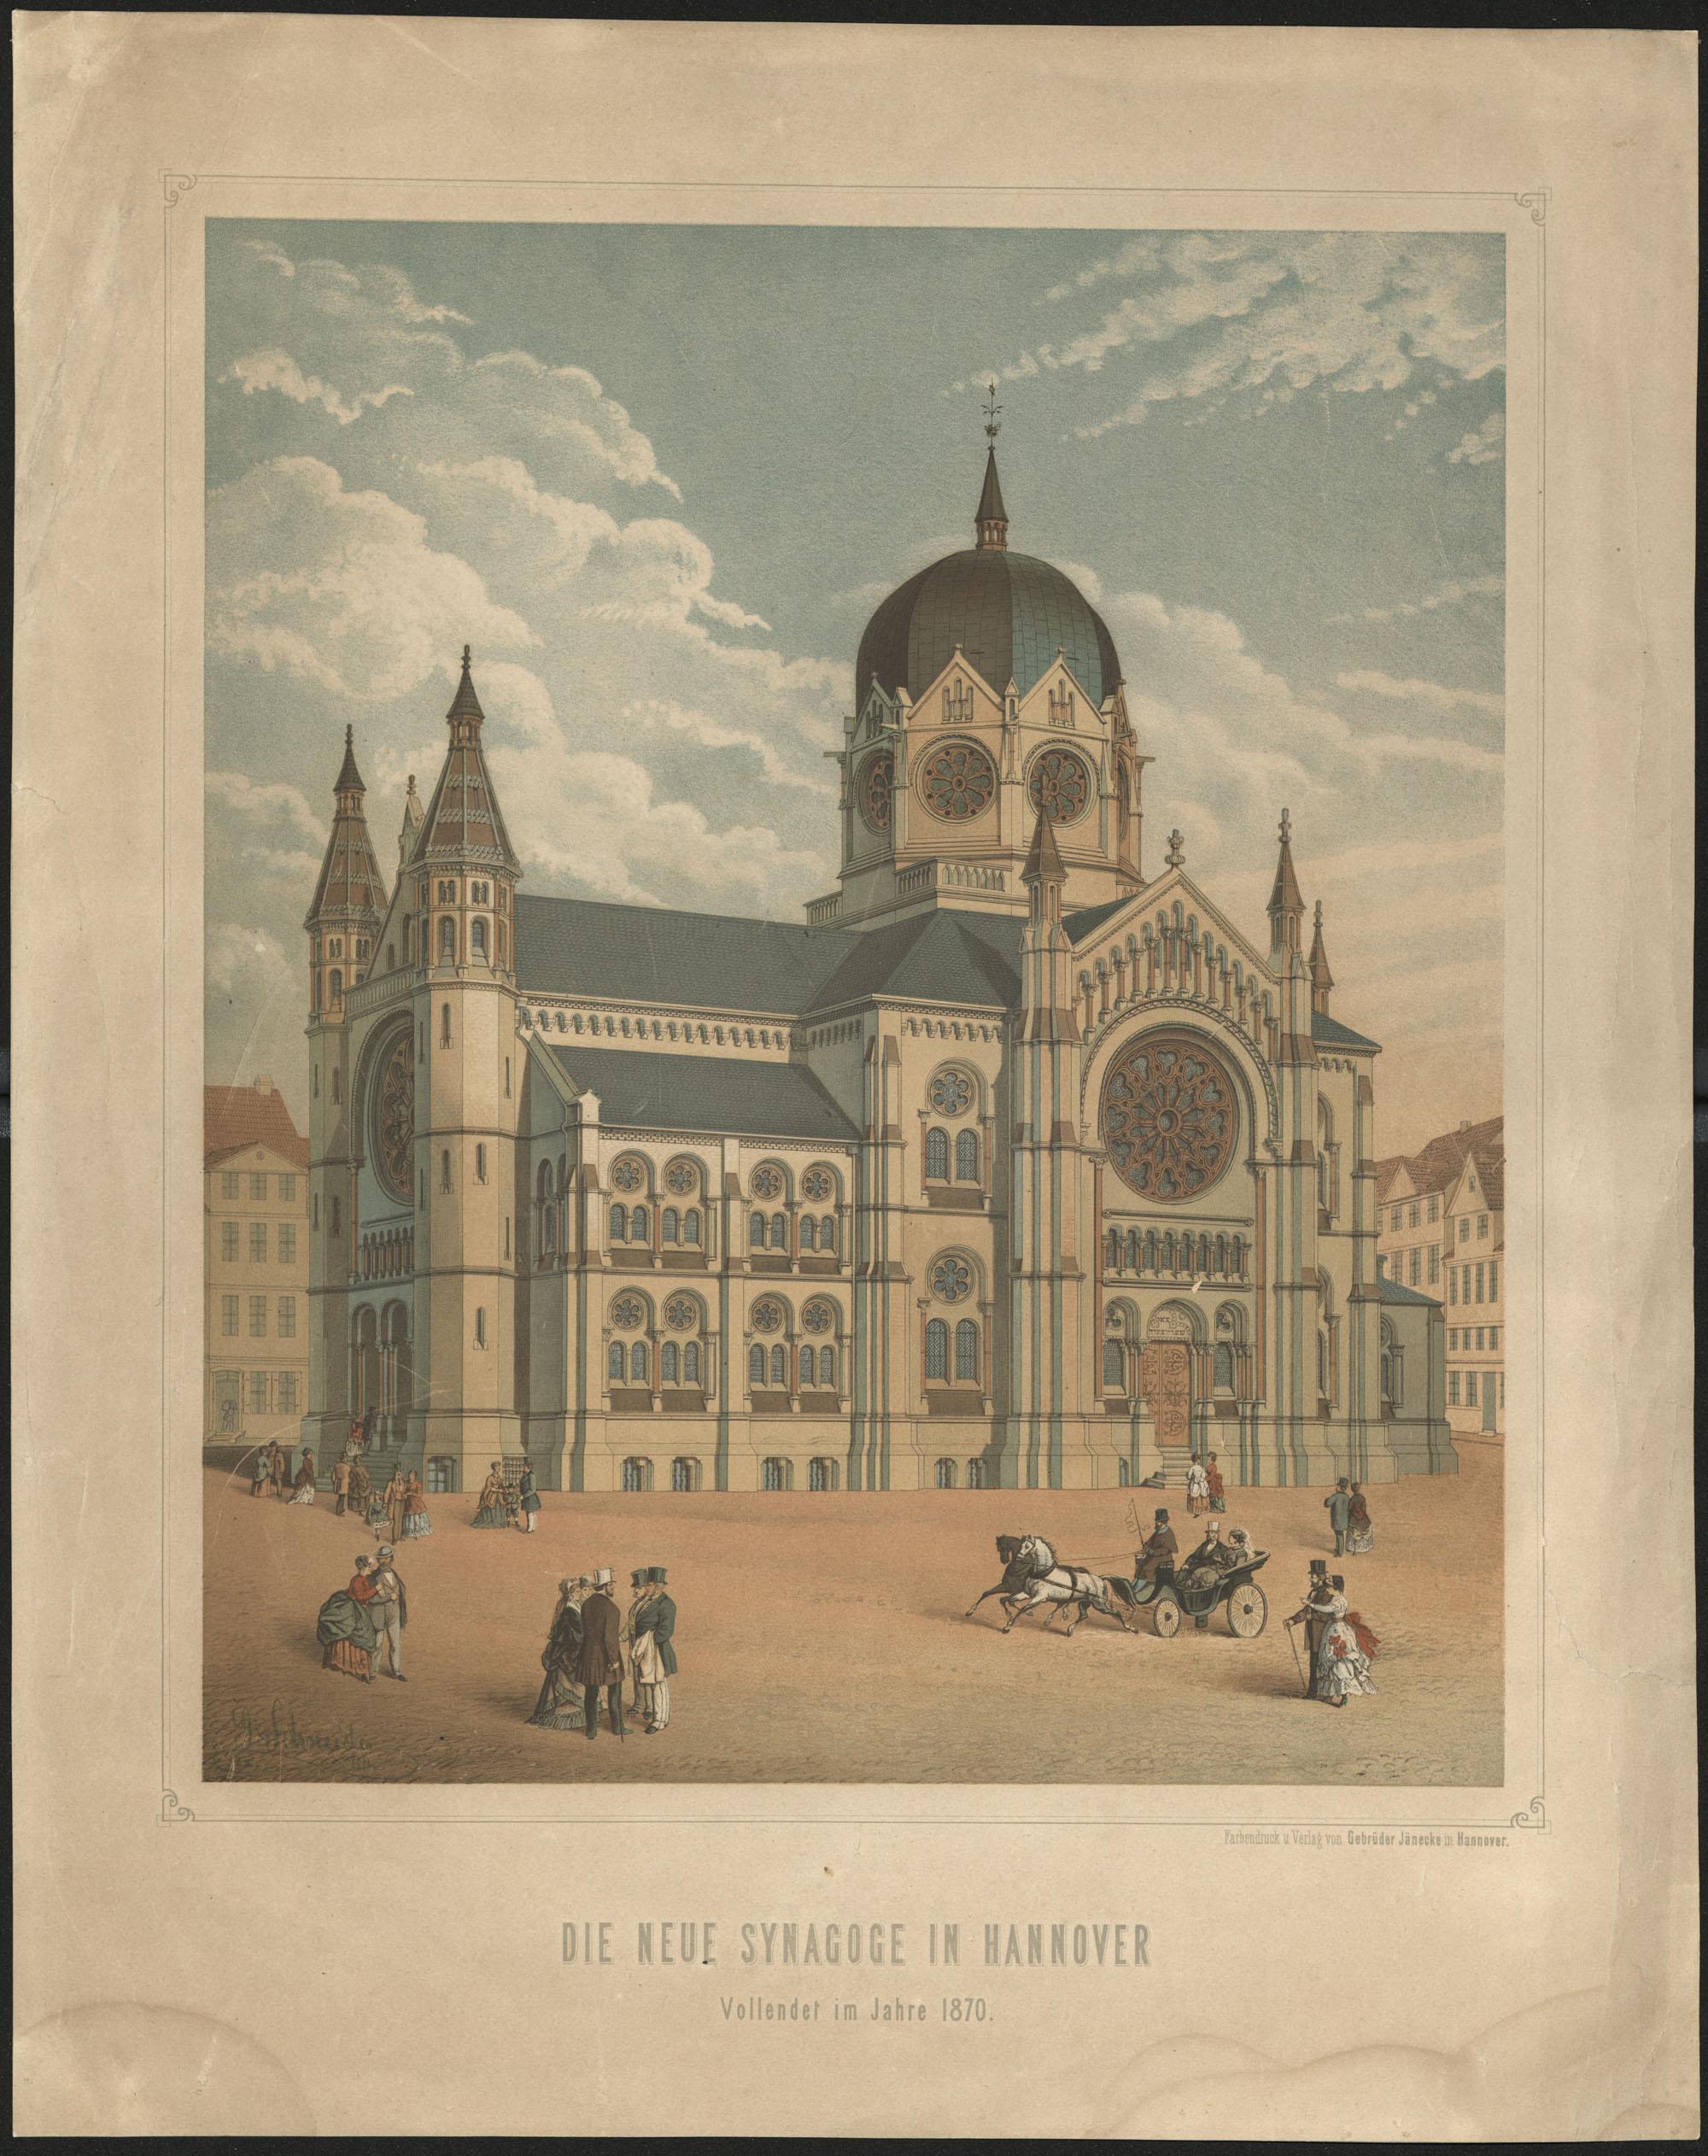 Die neue Synagoge in Hannover